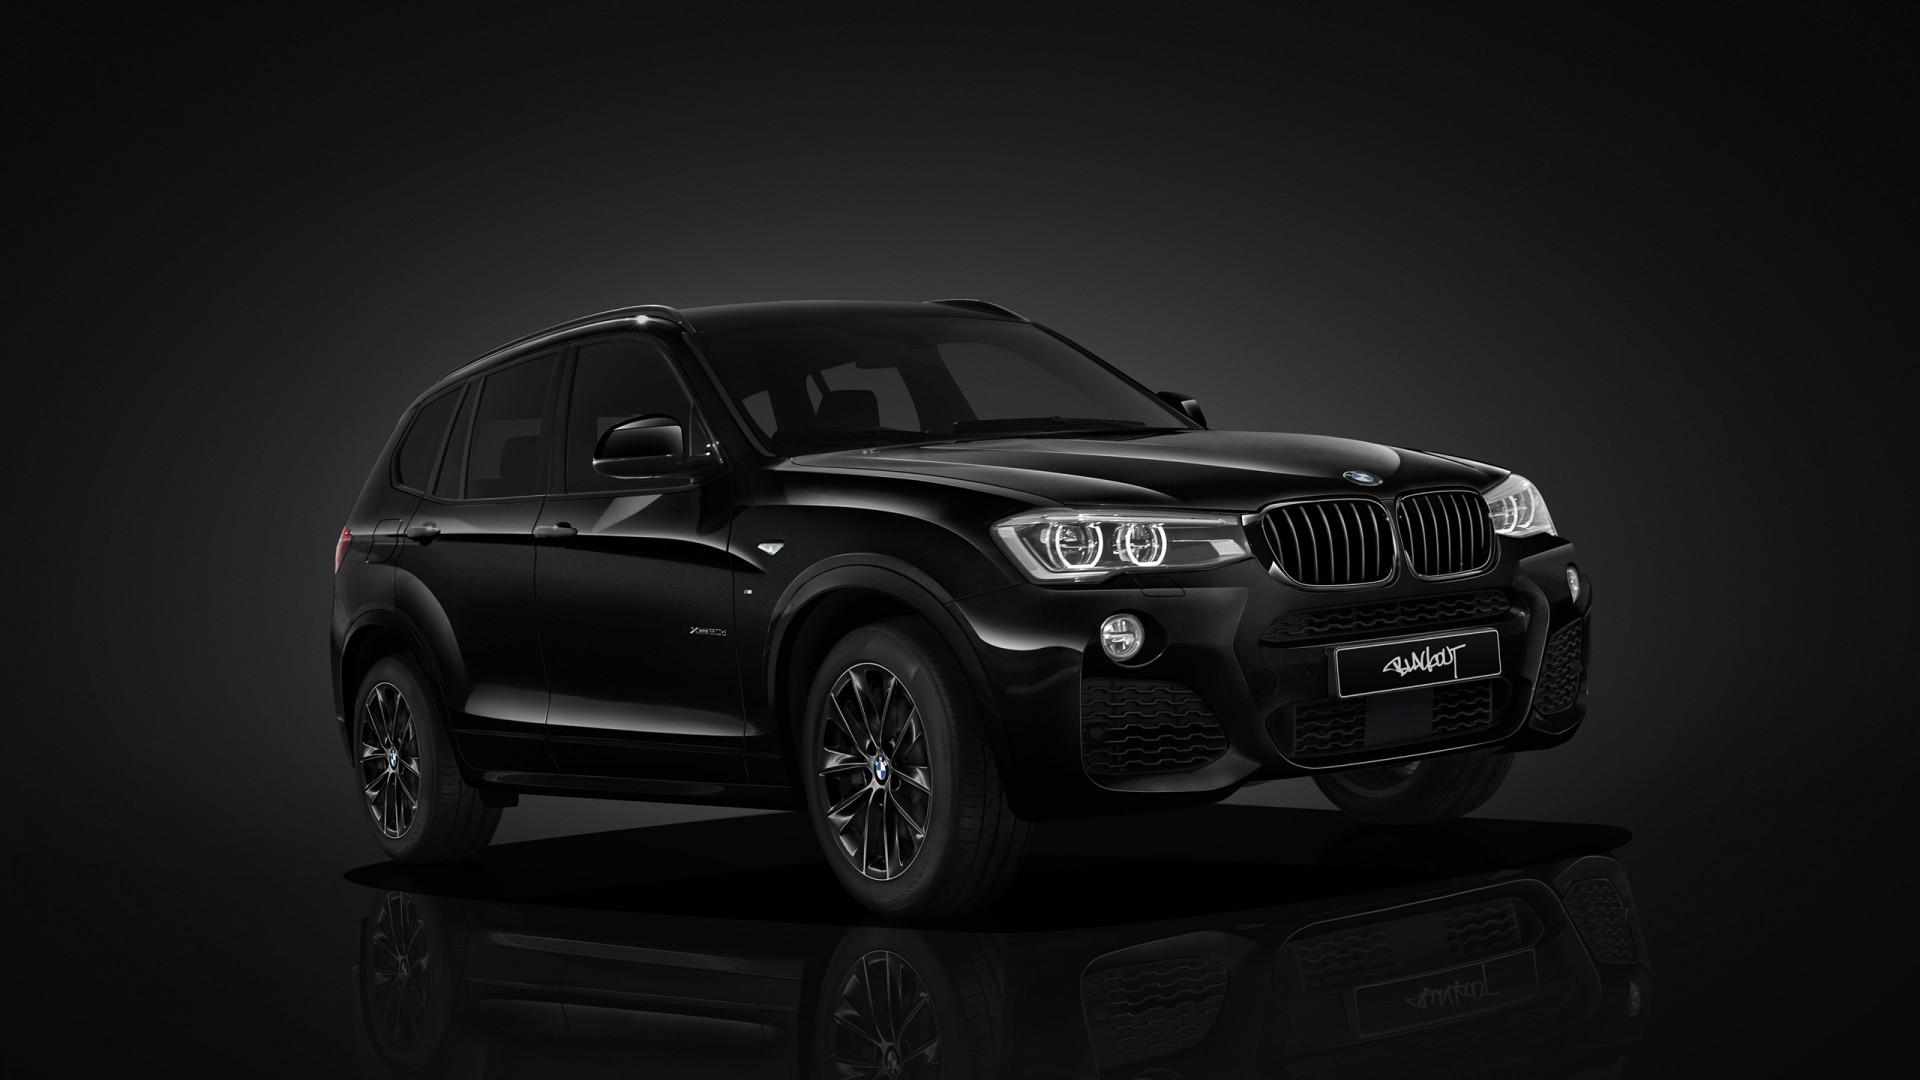 Bmw x3 m40i und bmw x3 m40d überzeugen mit einem besonders ausgewogenen zusammenspiel von performance, komfort und effizienz. BMW X3 Blackout Edition Wallpaper | HD Car Wallpapers | ID